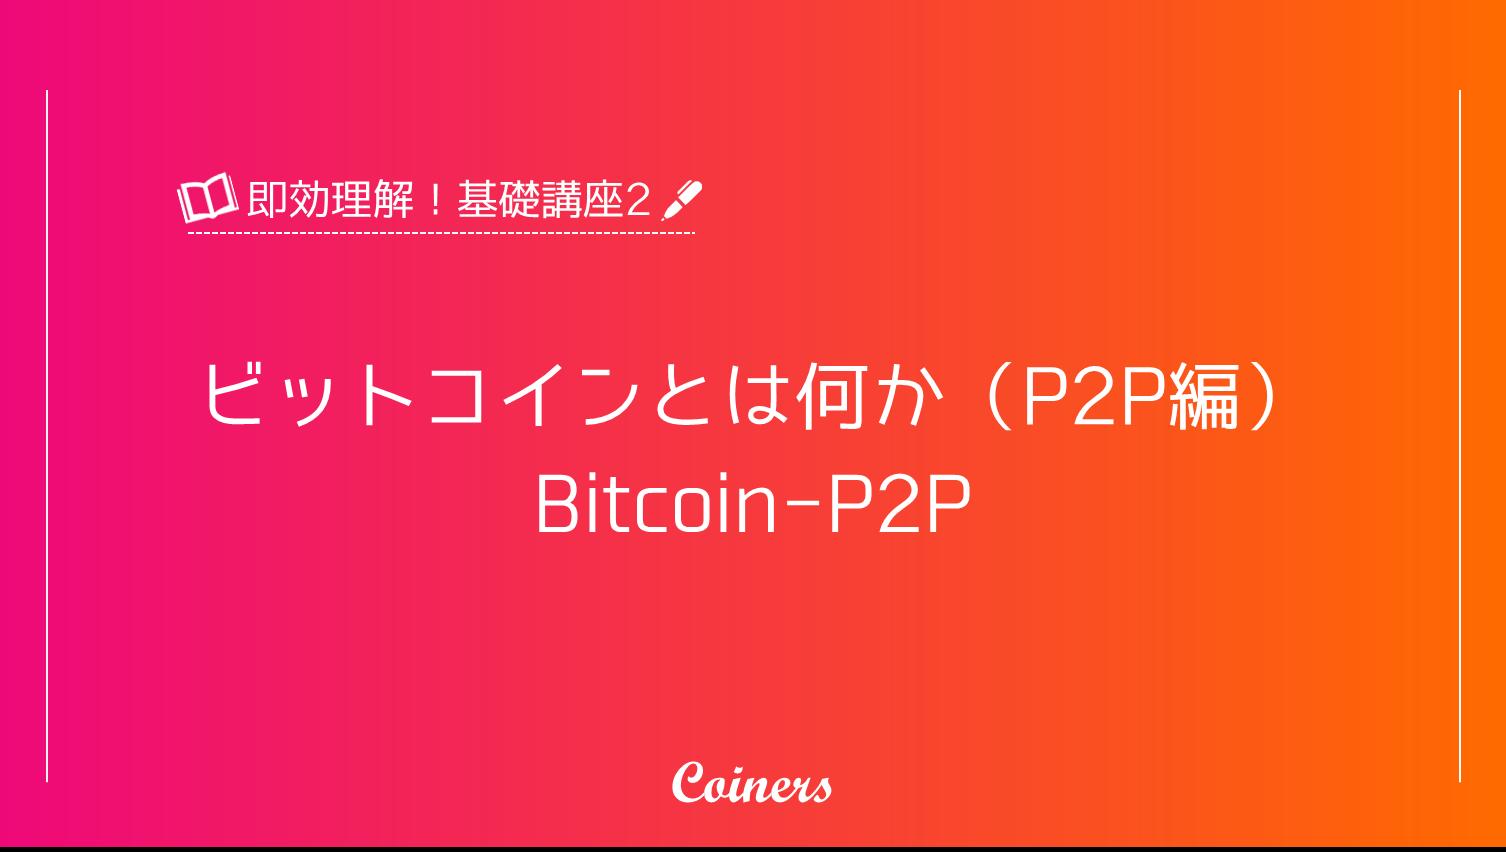 P2P-ビットコイン